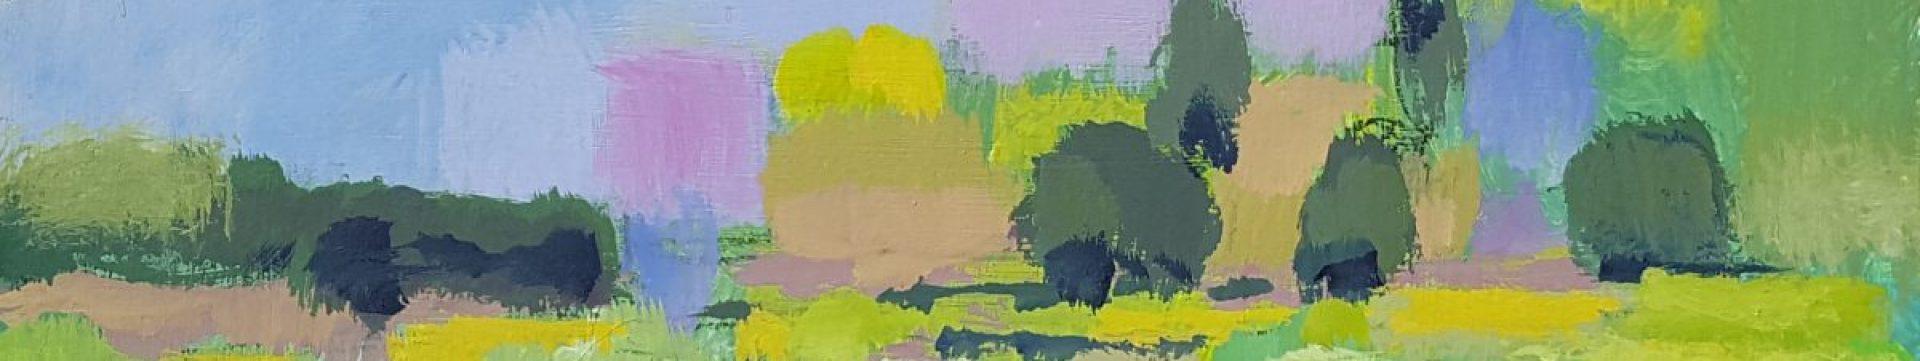 Carlo Reisch Contemporary Artist